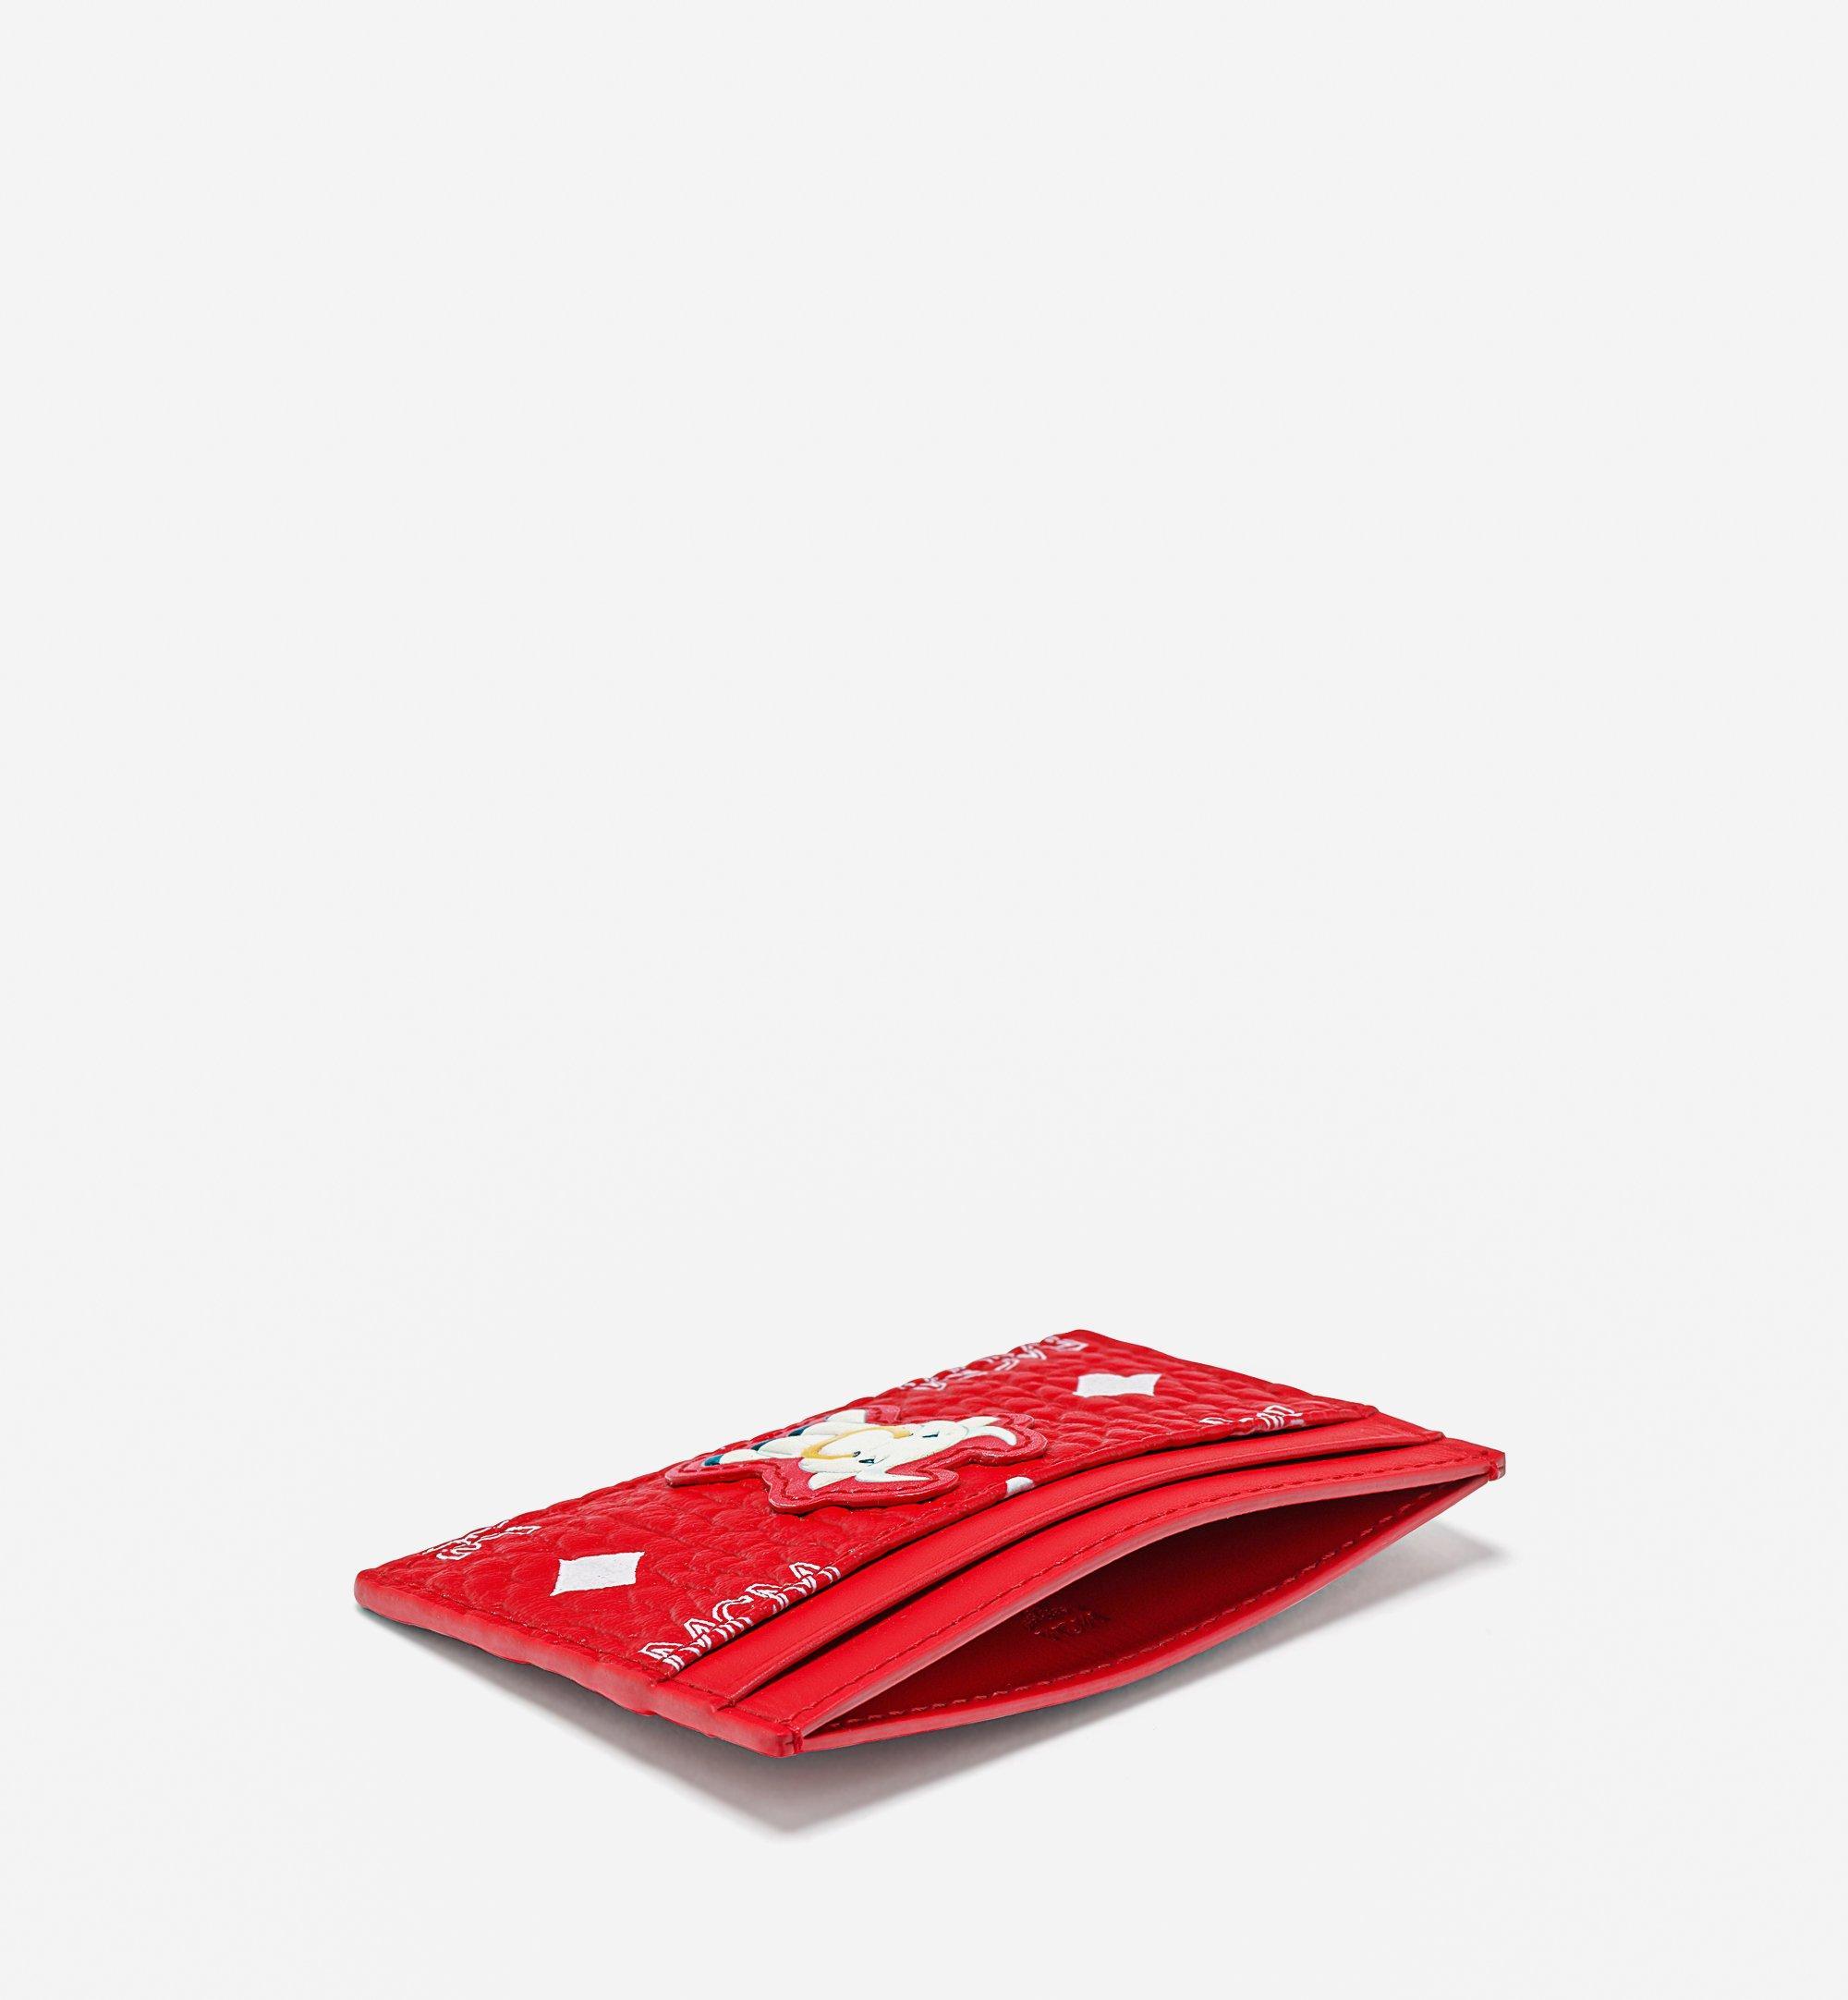 MCM カードケース - ニューイヤー ヴィセトス Red MXABSXL01AV001 ほかの角度から見る 1